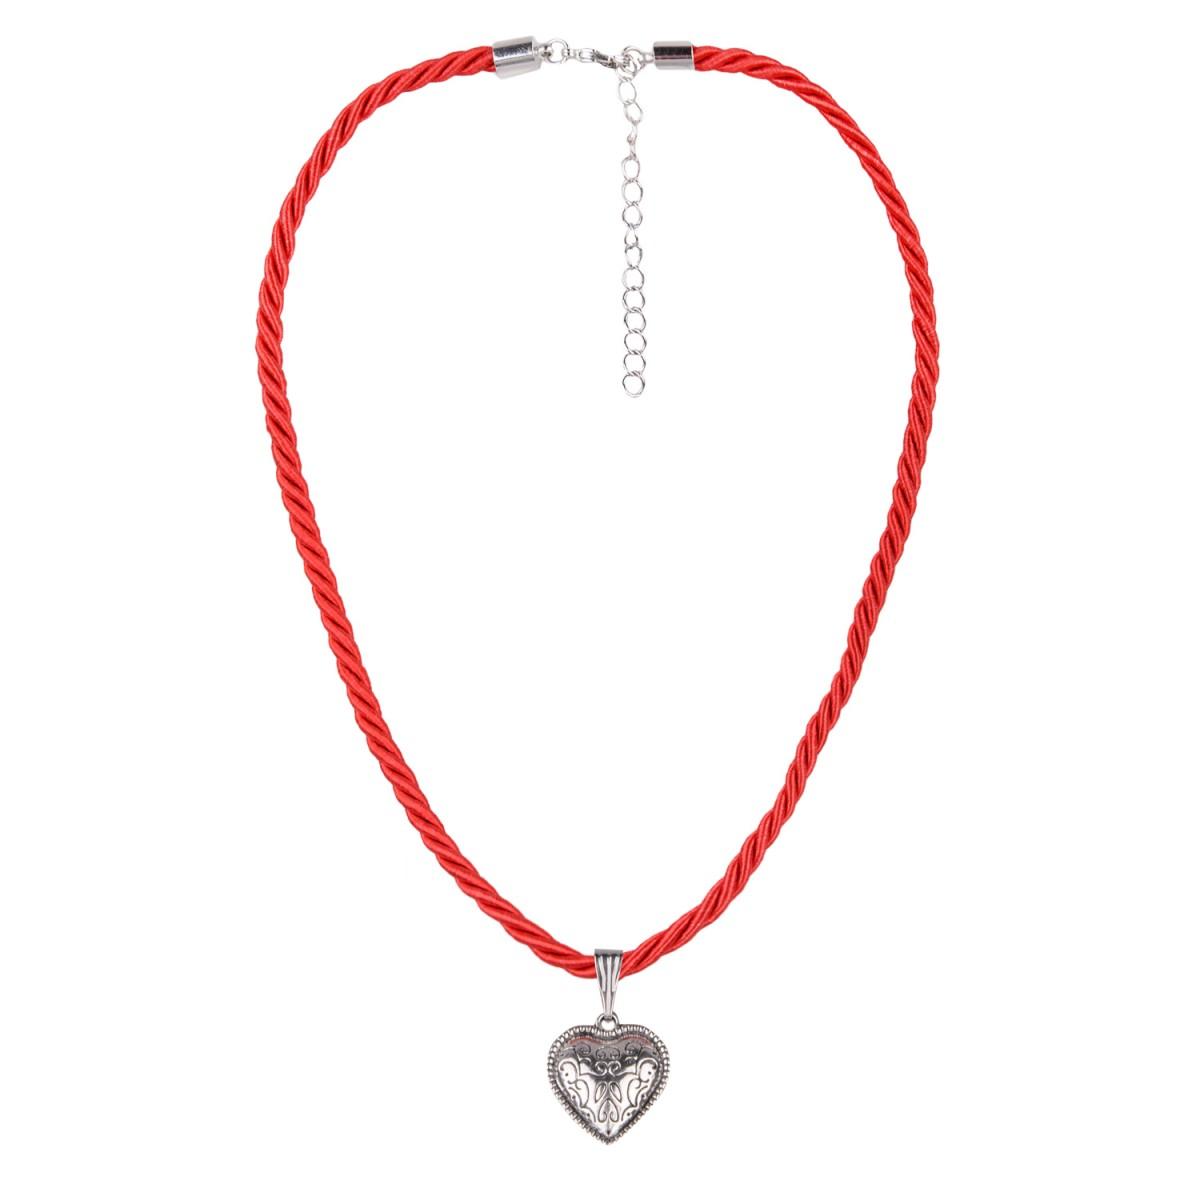 Kordelkette in Rot mit kleinem Herz von Schlick Accessories